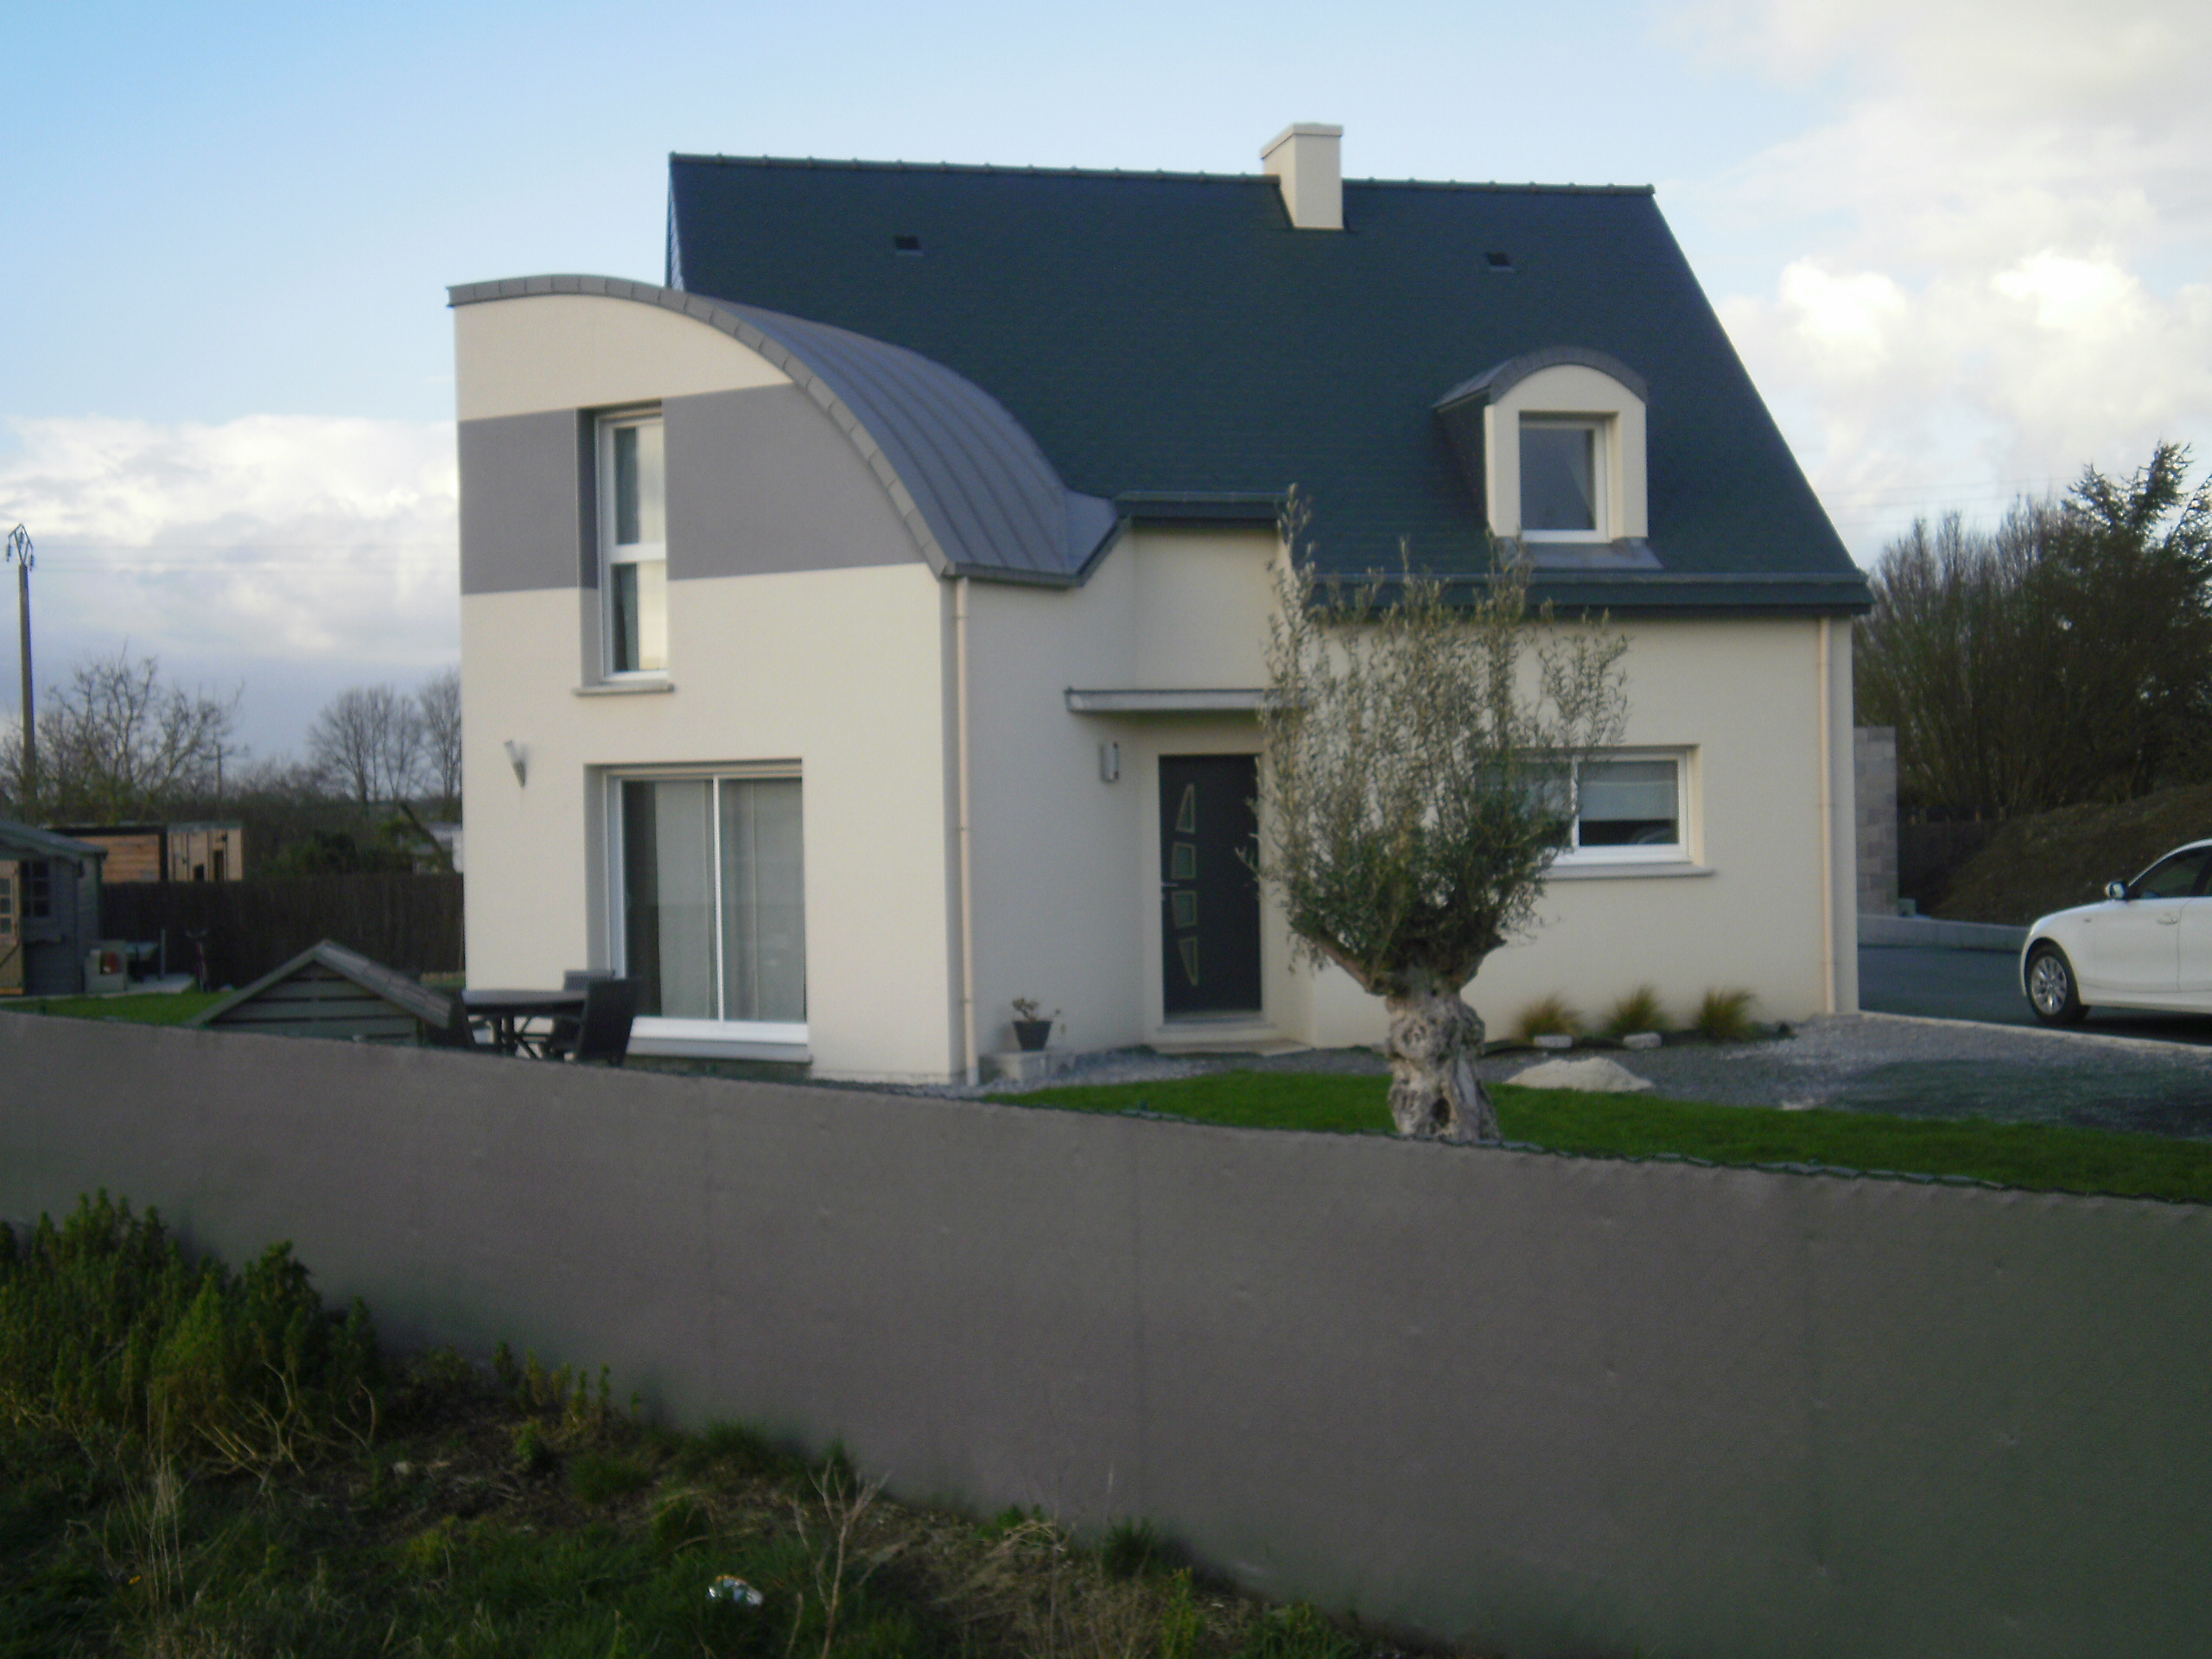 les maisons interesting les maisons de bricourt with les maisons modle de maison les maisons. Black Bedroom Furniture Sets. Home Design Ideas